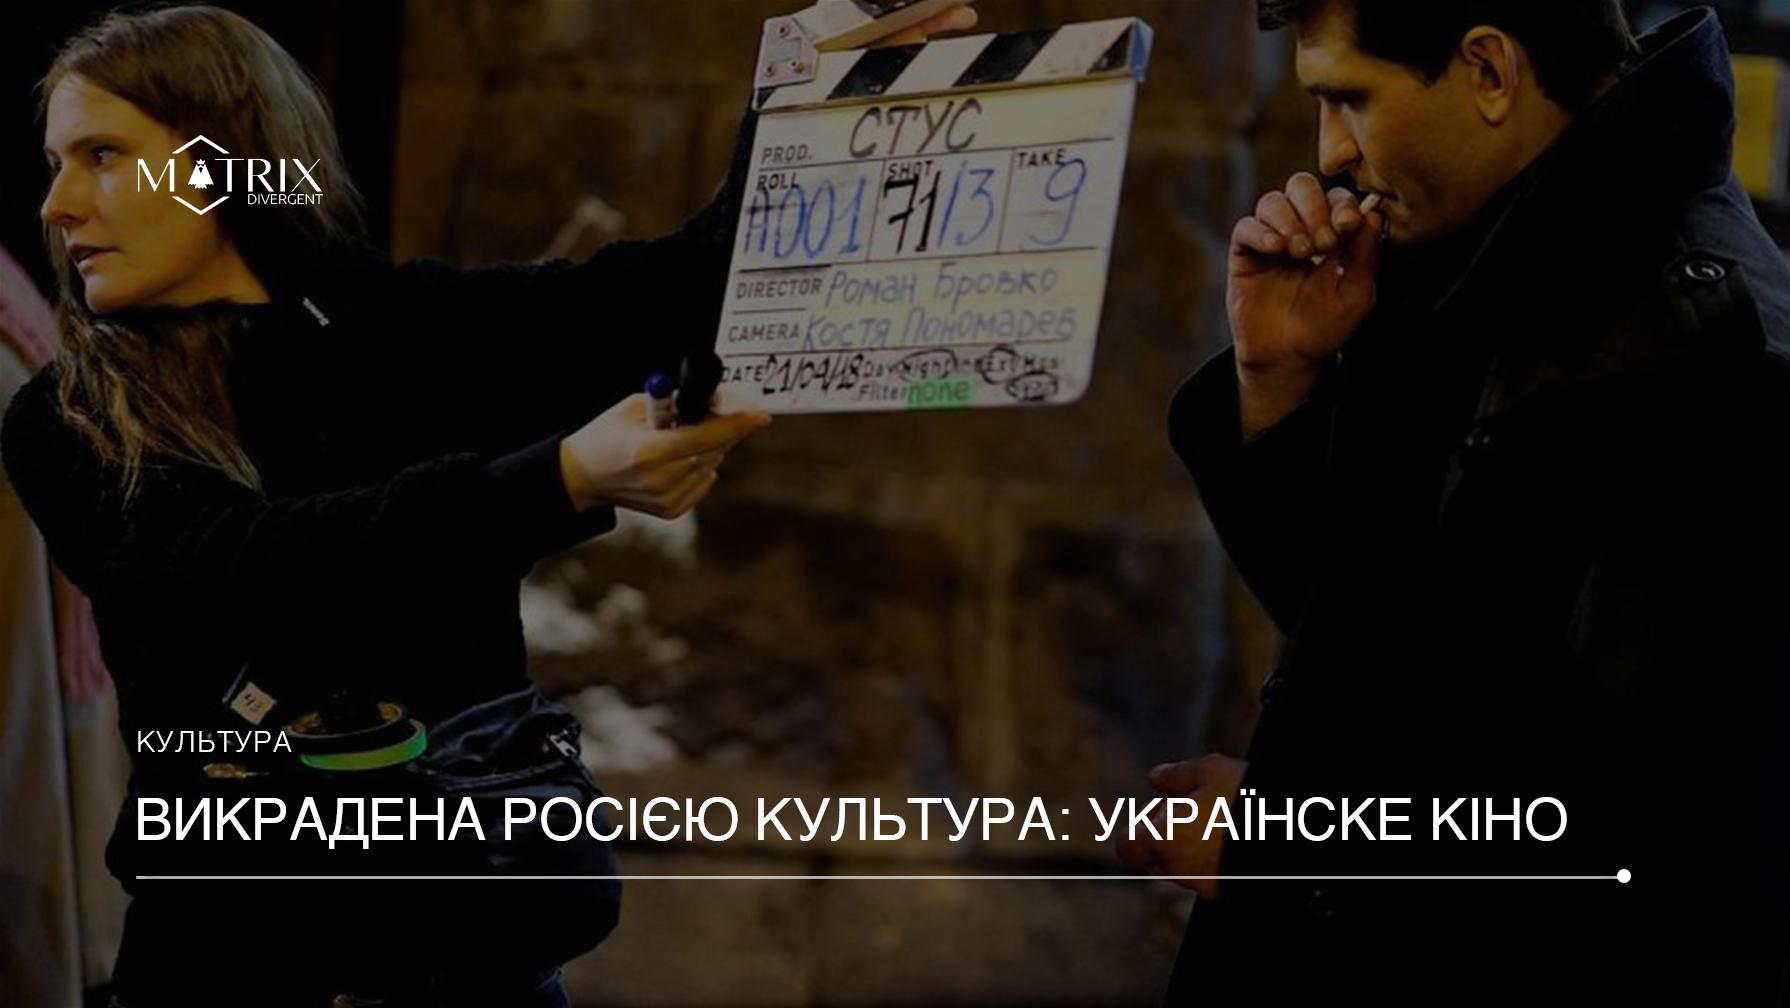 Маніпуляції Росії із привласненням радянської кіноспадщини